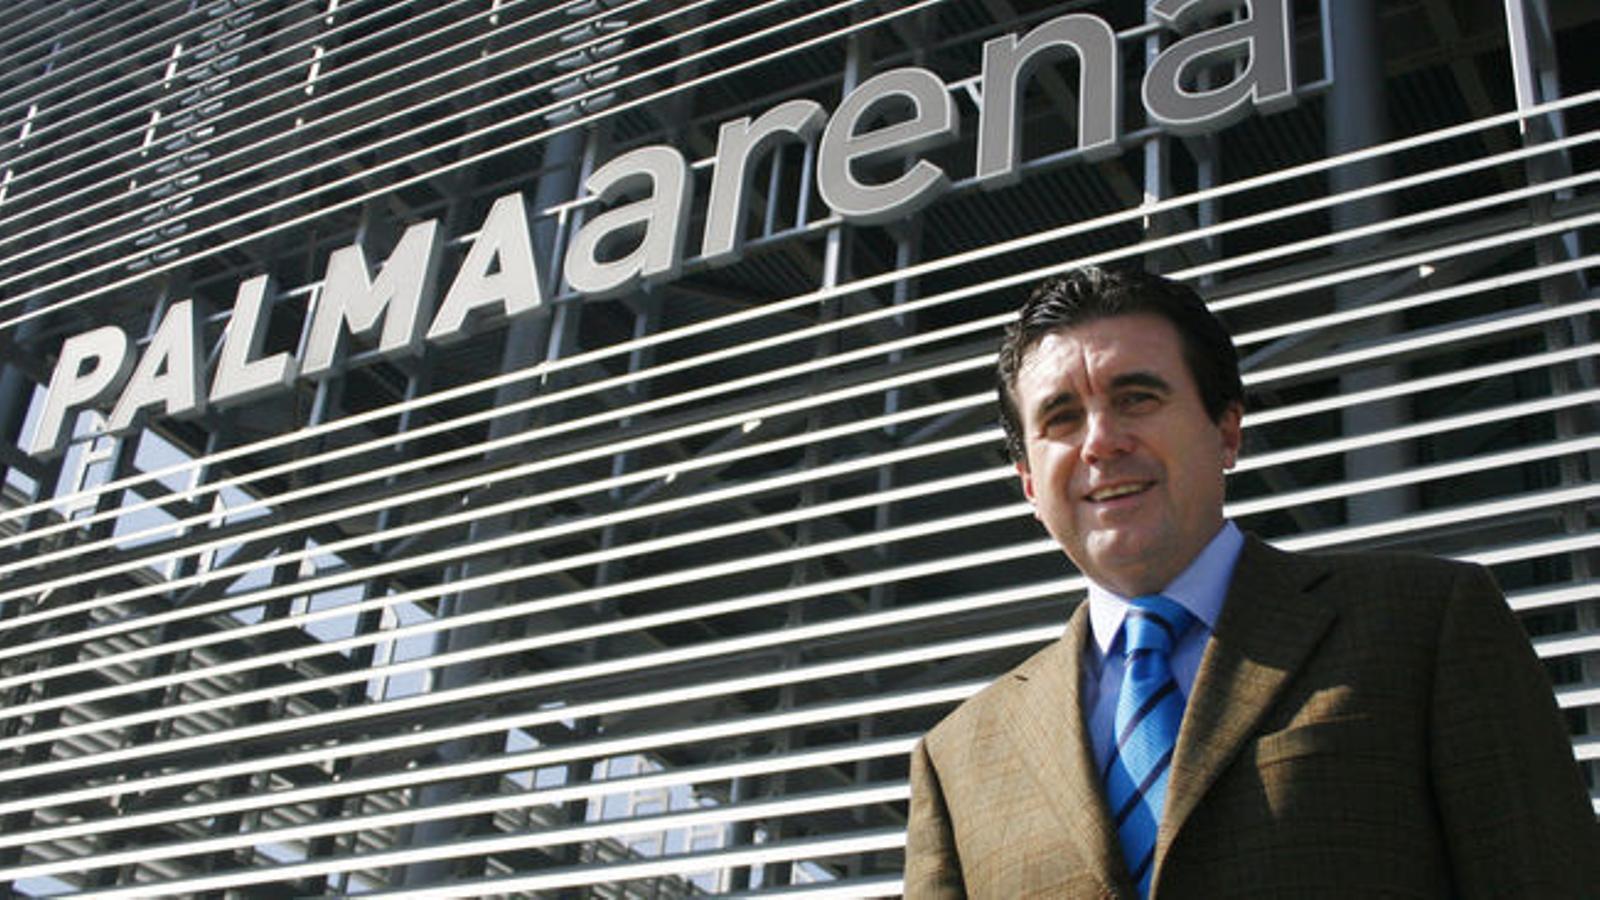 L'expresident Jaume Matas, ara a presó, davant el polèmic edifici.